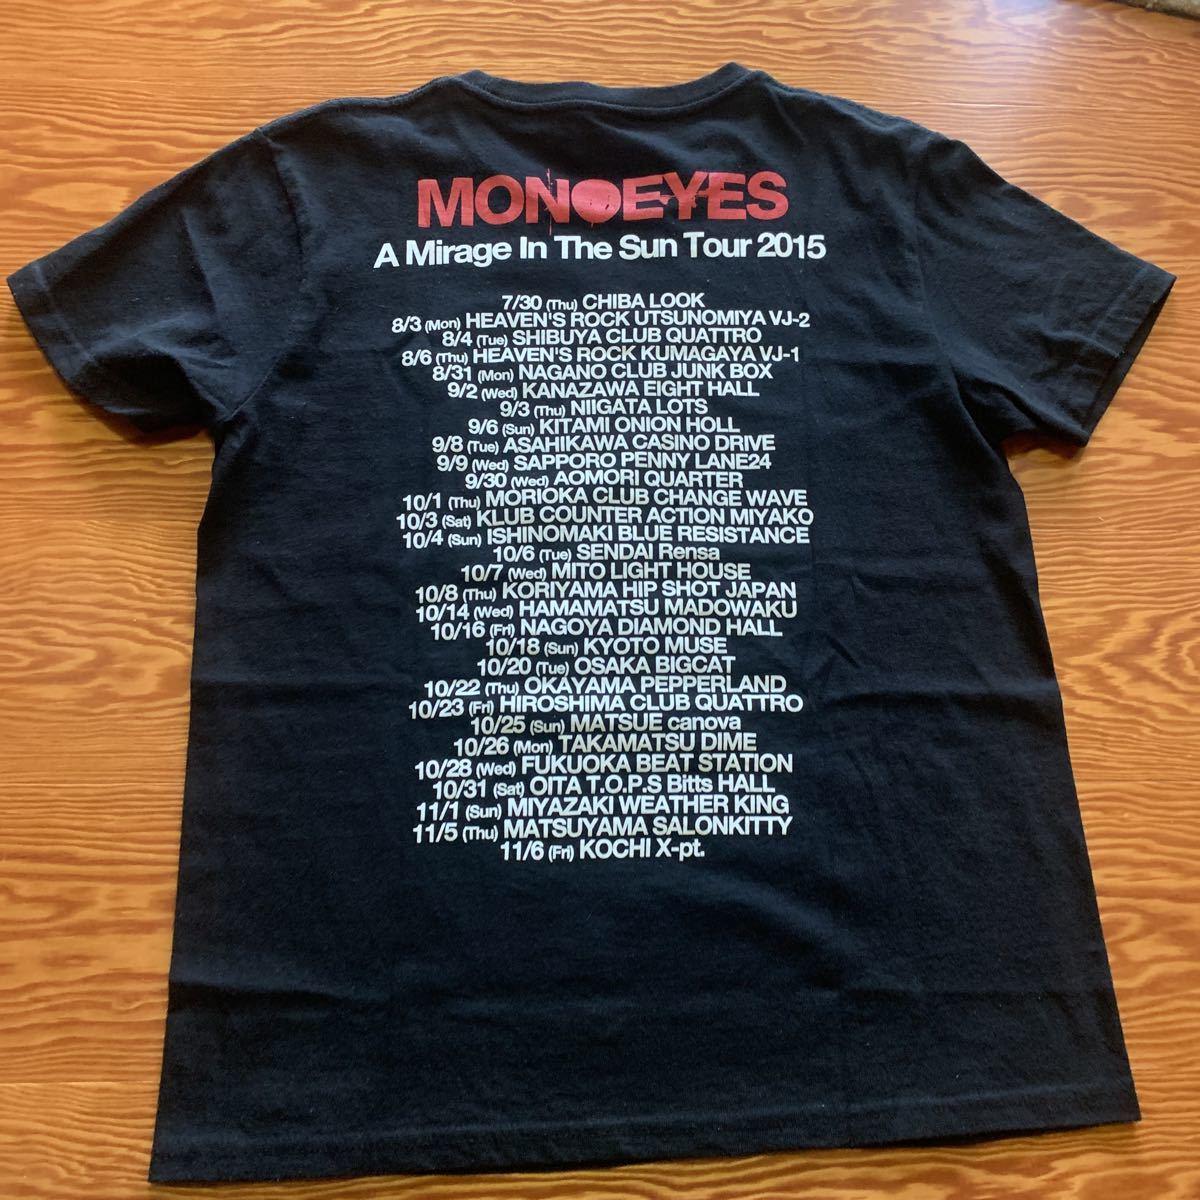 送料無料!美品!MONOEYES バンドロゴ入り Tシャツ メンズSサイズ ブラック バックプリントあり ELLEGARDEN